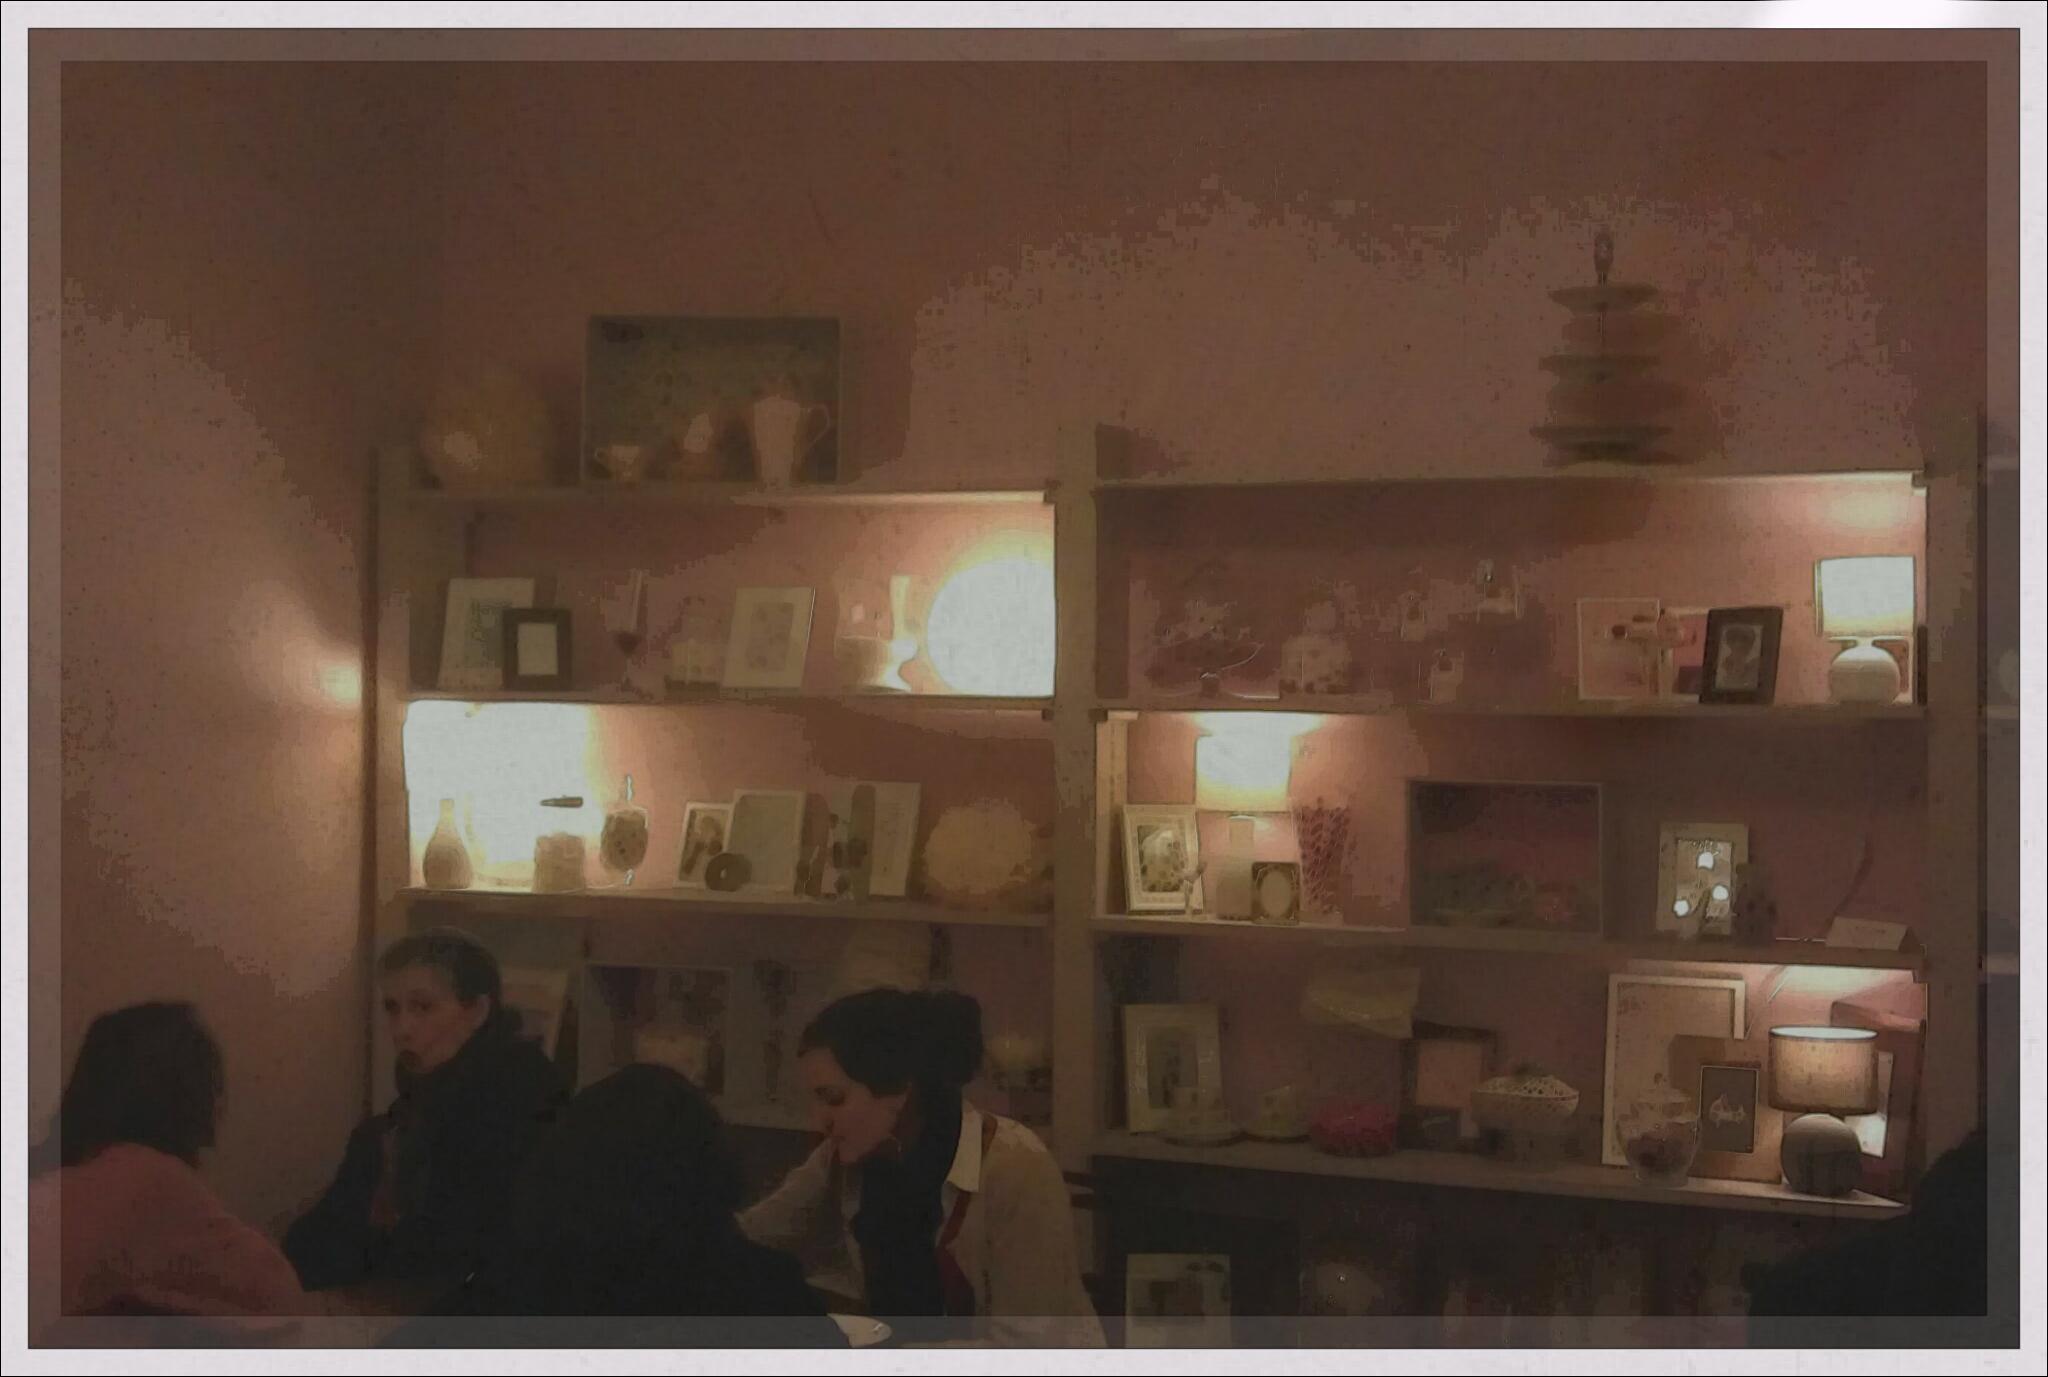 Un lyon dans la cuisine guillemette salon for 2 filles en cuisine lyon